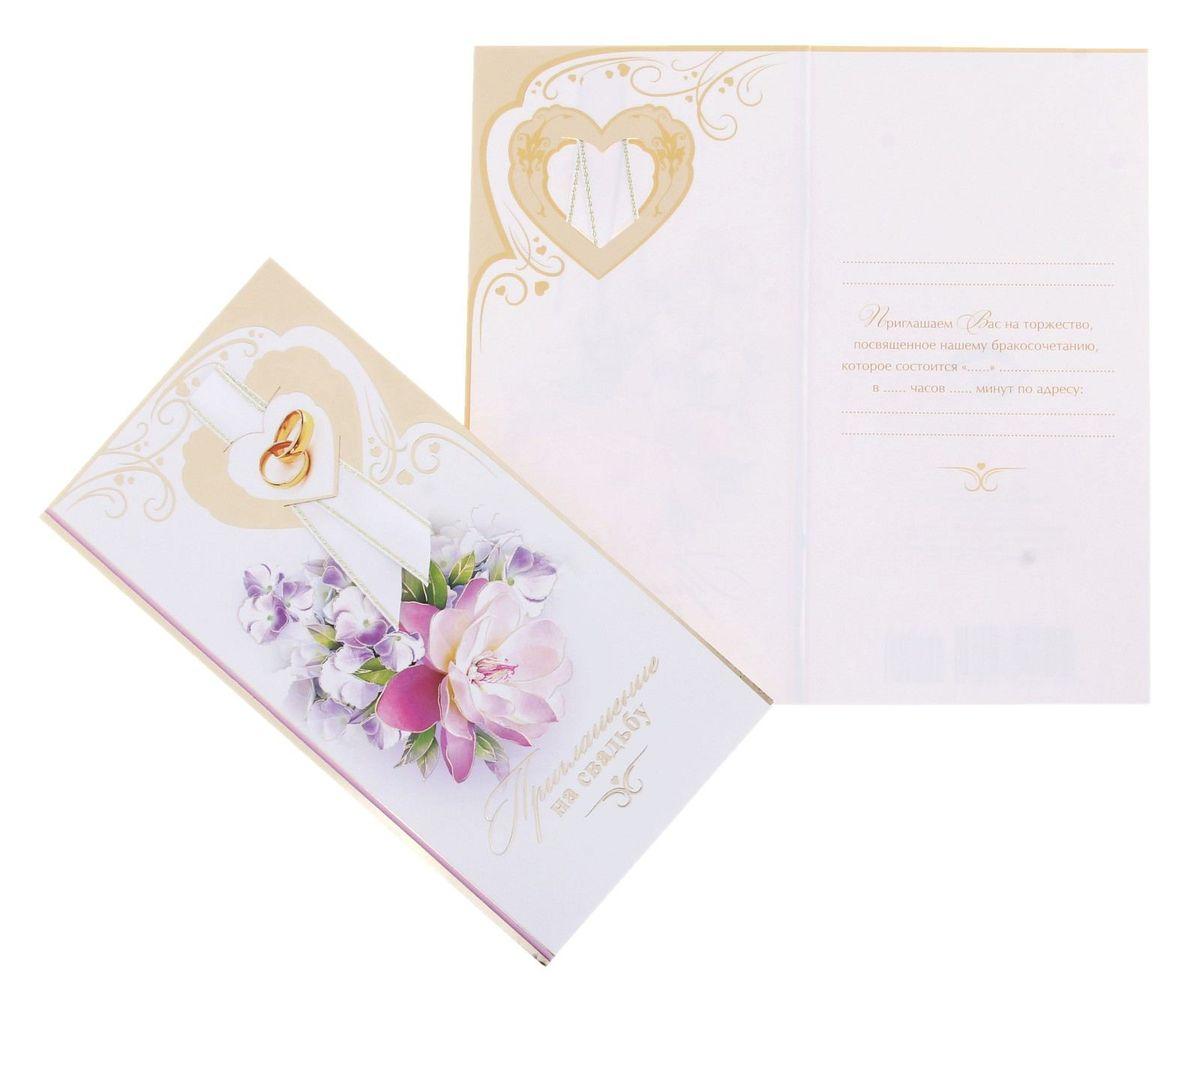 Приглашение на свадьбу Мир открыток. 769438 приглашение на свадьбу с тиснением золотом кольца